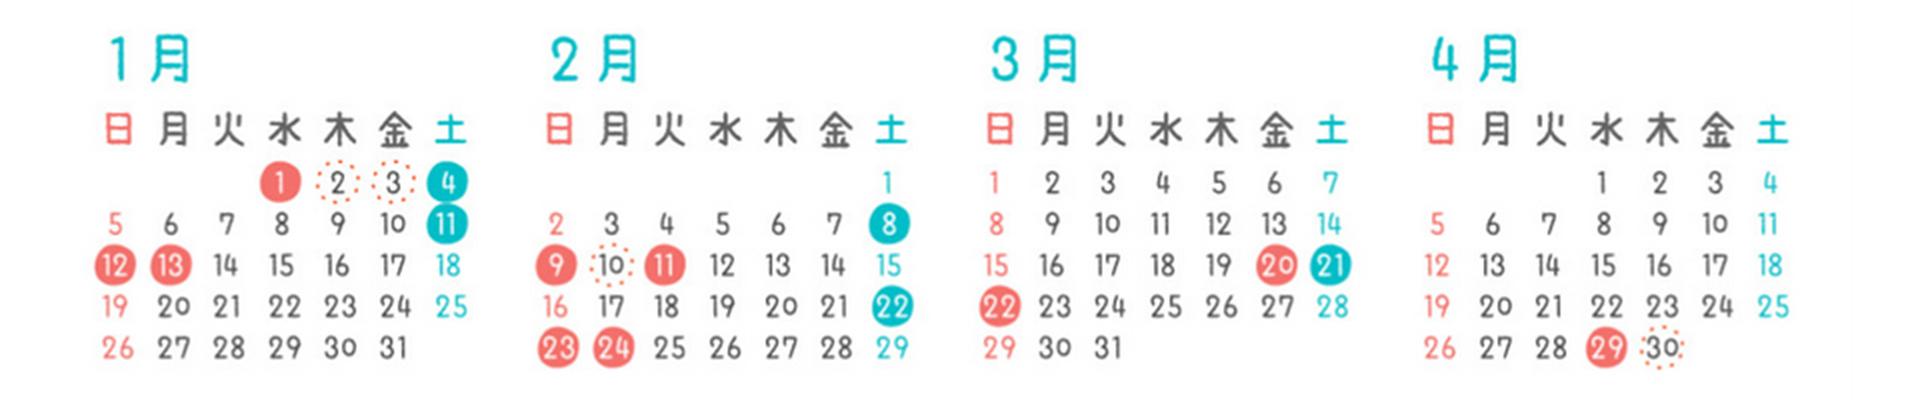 Stage à thème : les dates en japonais